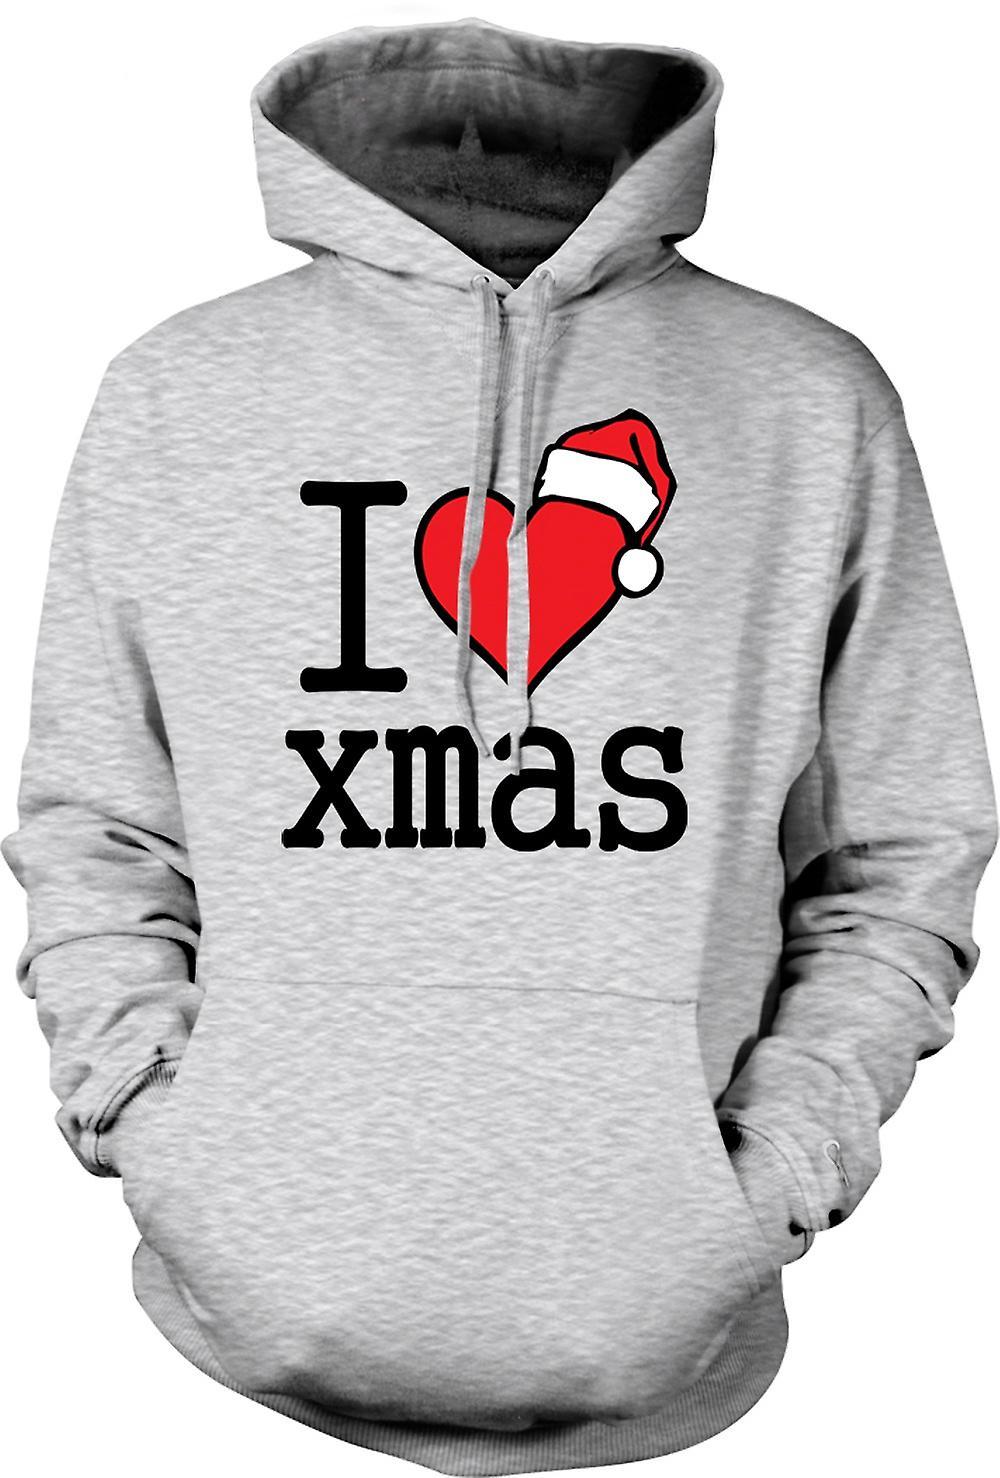 Mens Hoodie - I Love Xmas - Funny Christmas